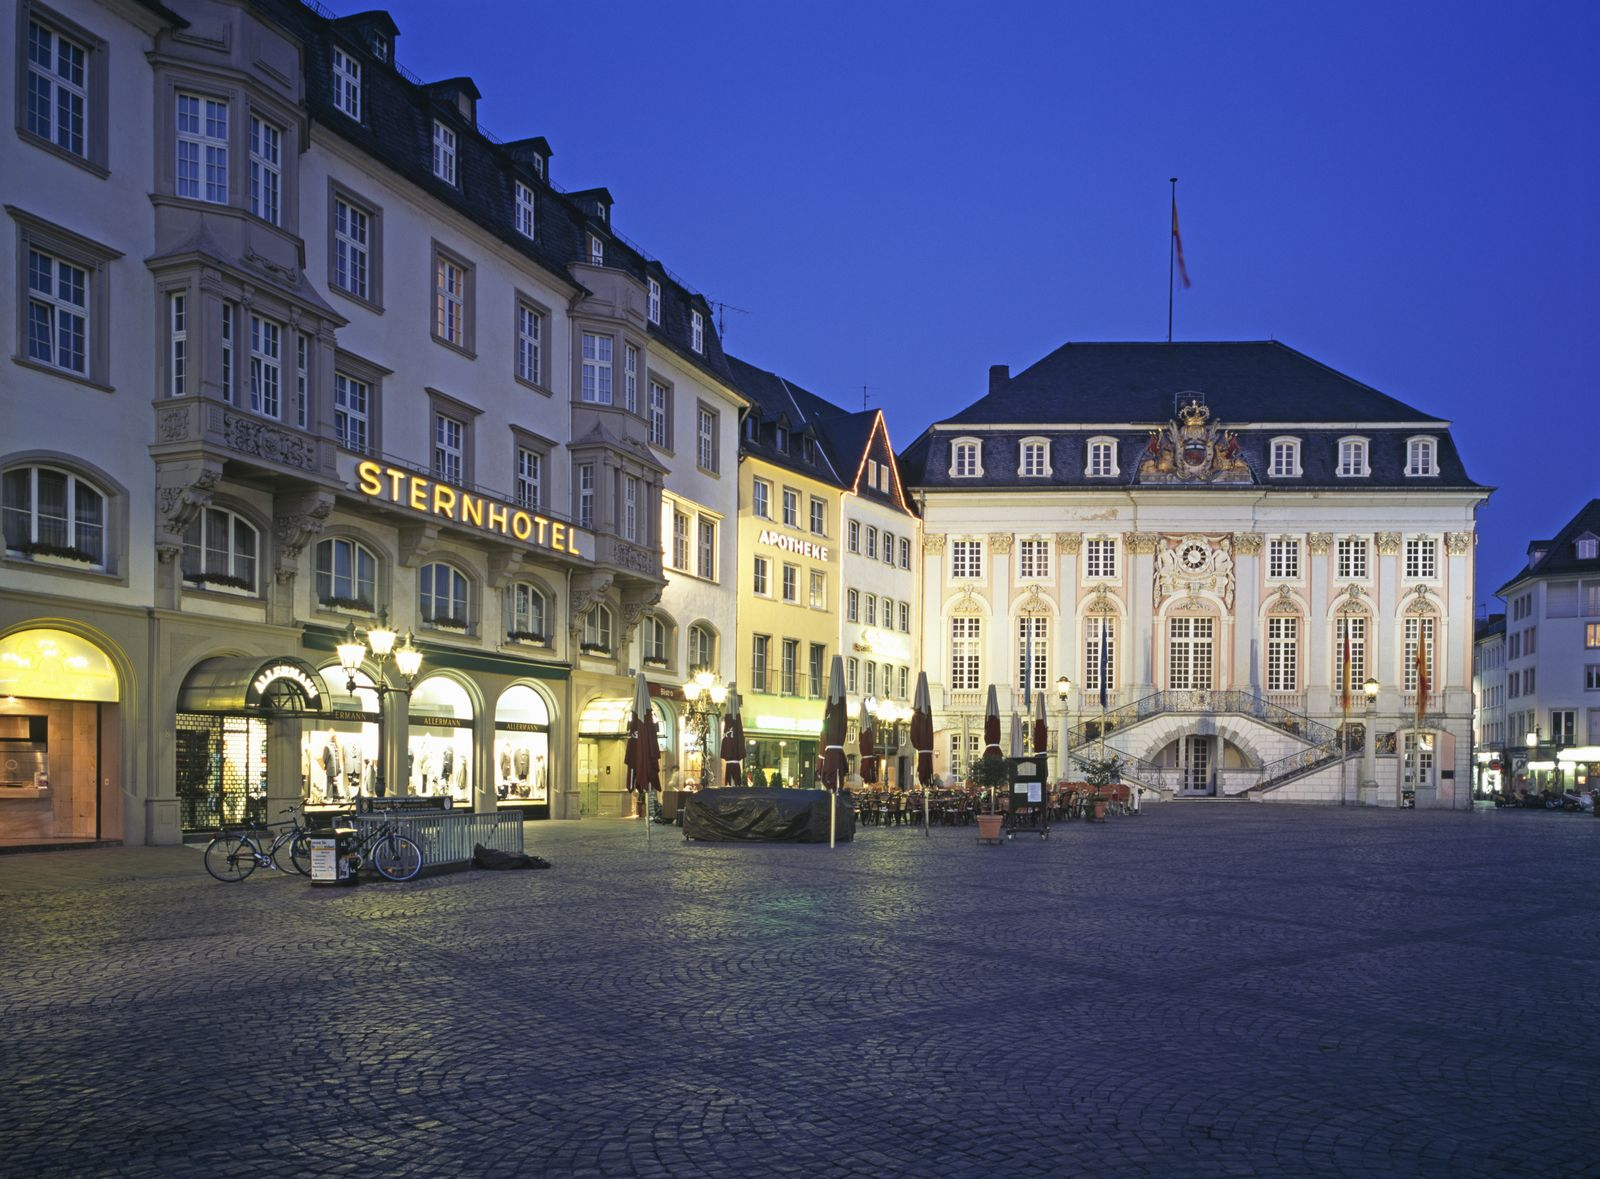 NICHT MEHR VERWENDEN! - Bonn / Innenstadt